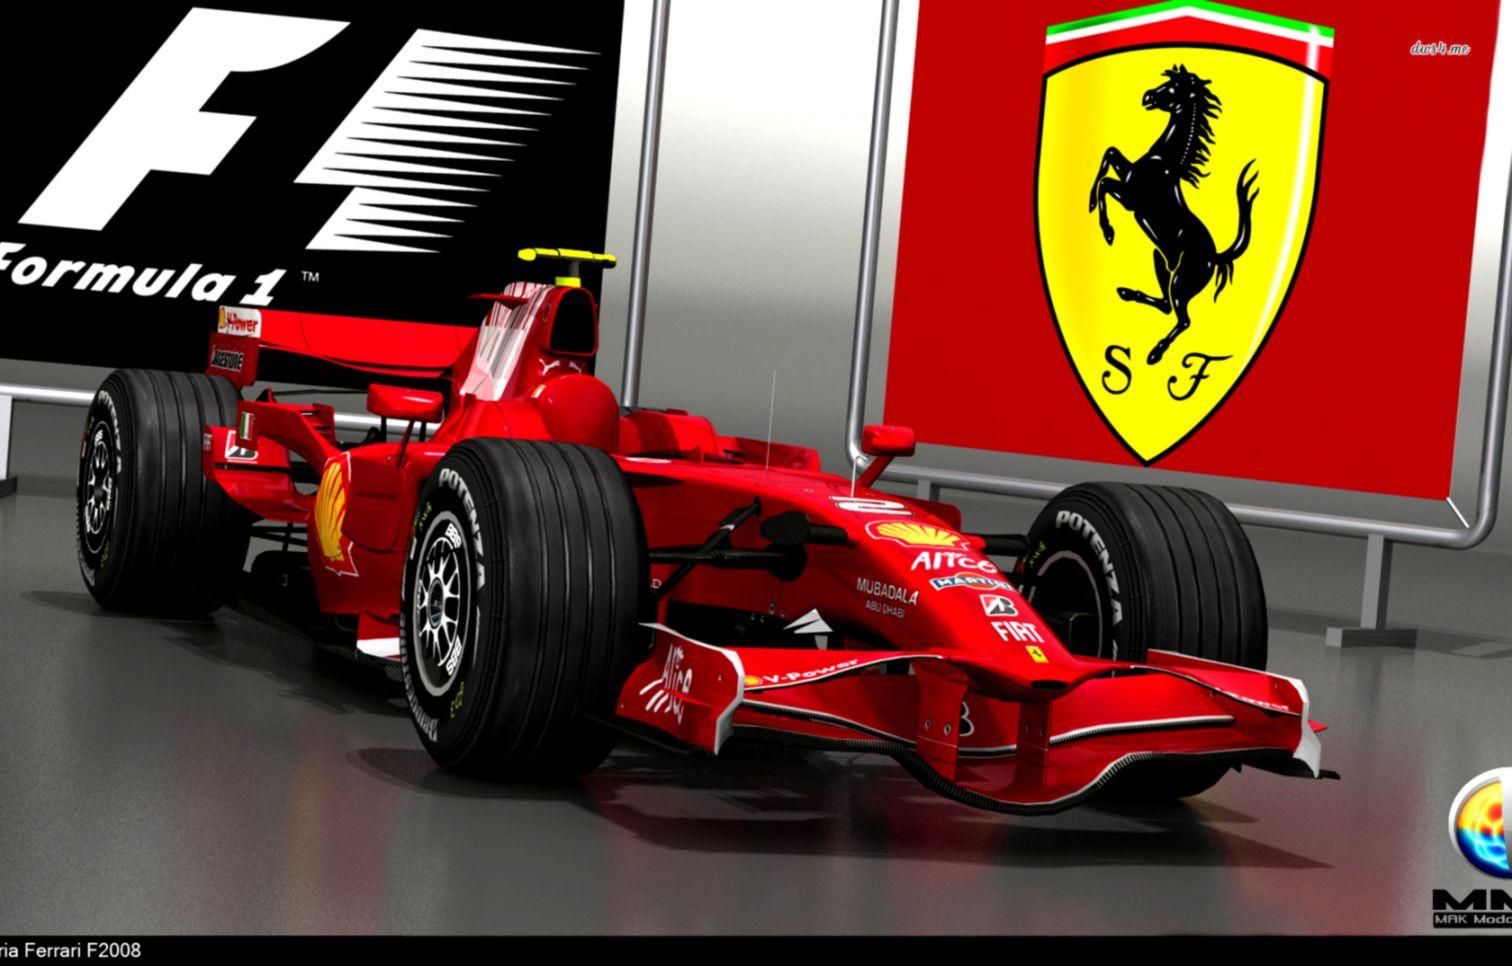 Ferrari F1 Sports Wallpaper | All HD Wallpapers